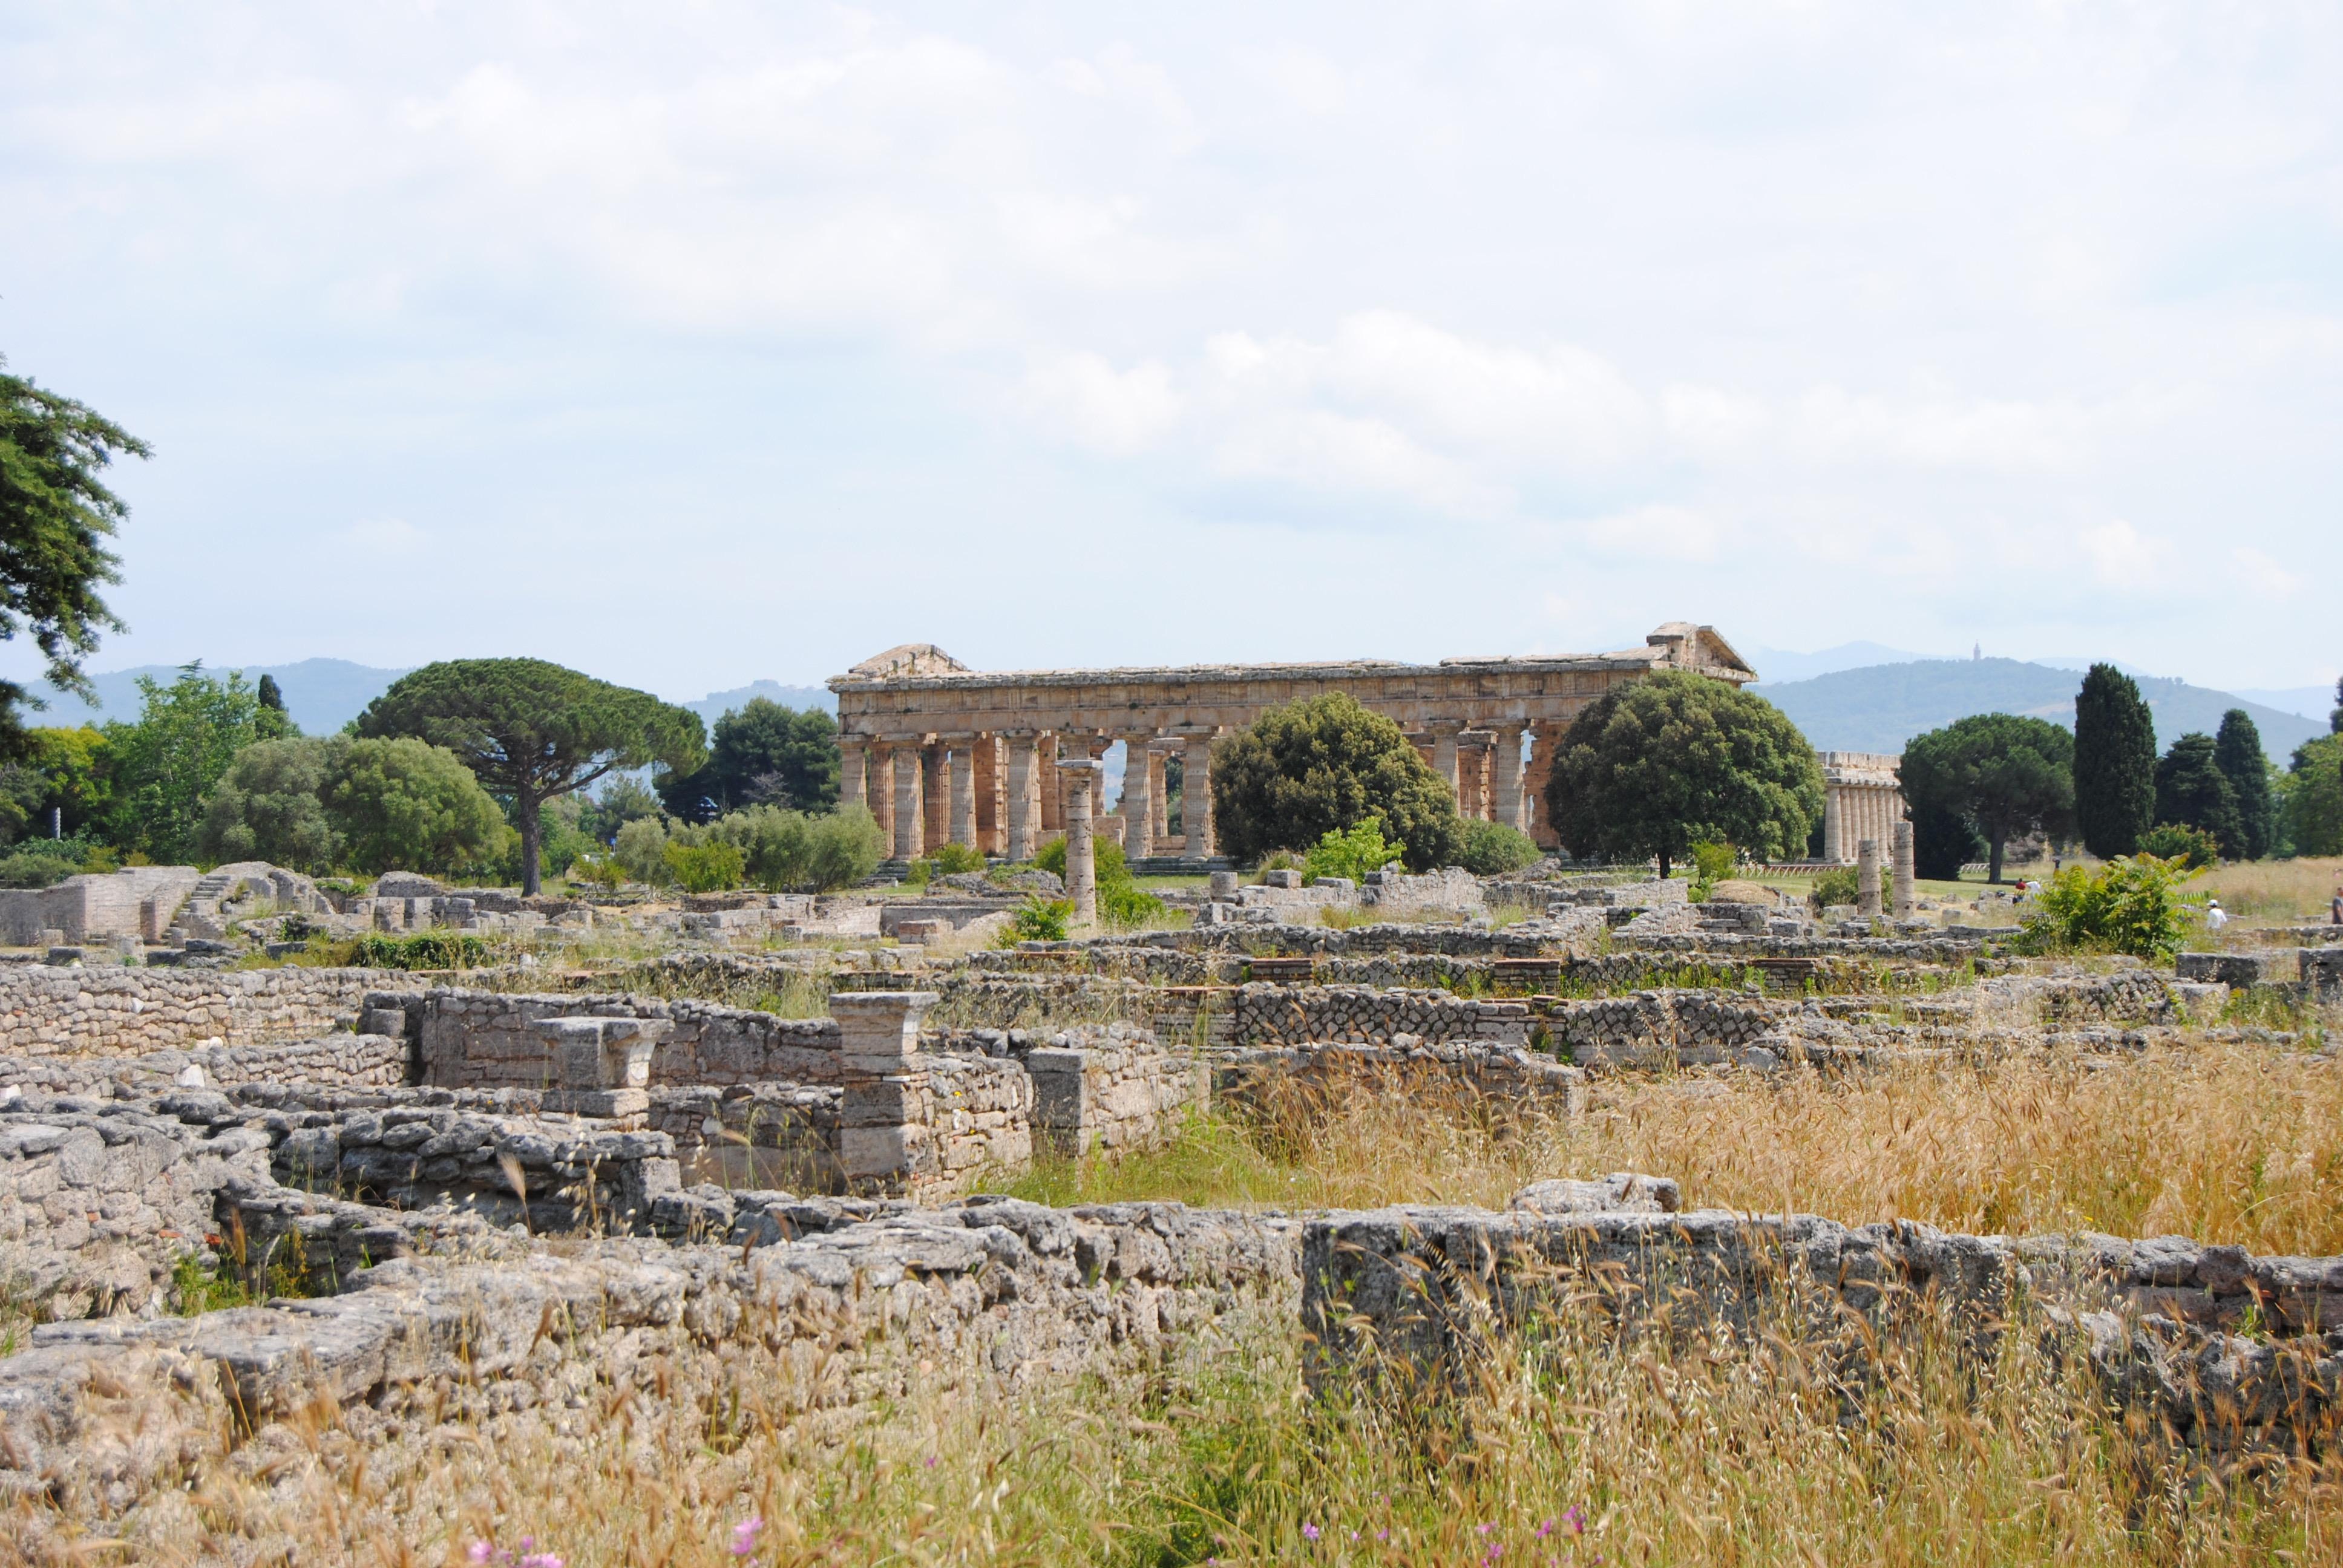 Parque arqueológico de Paestum en Italia